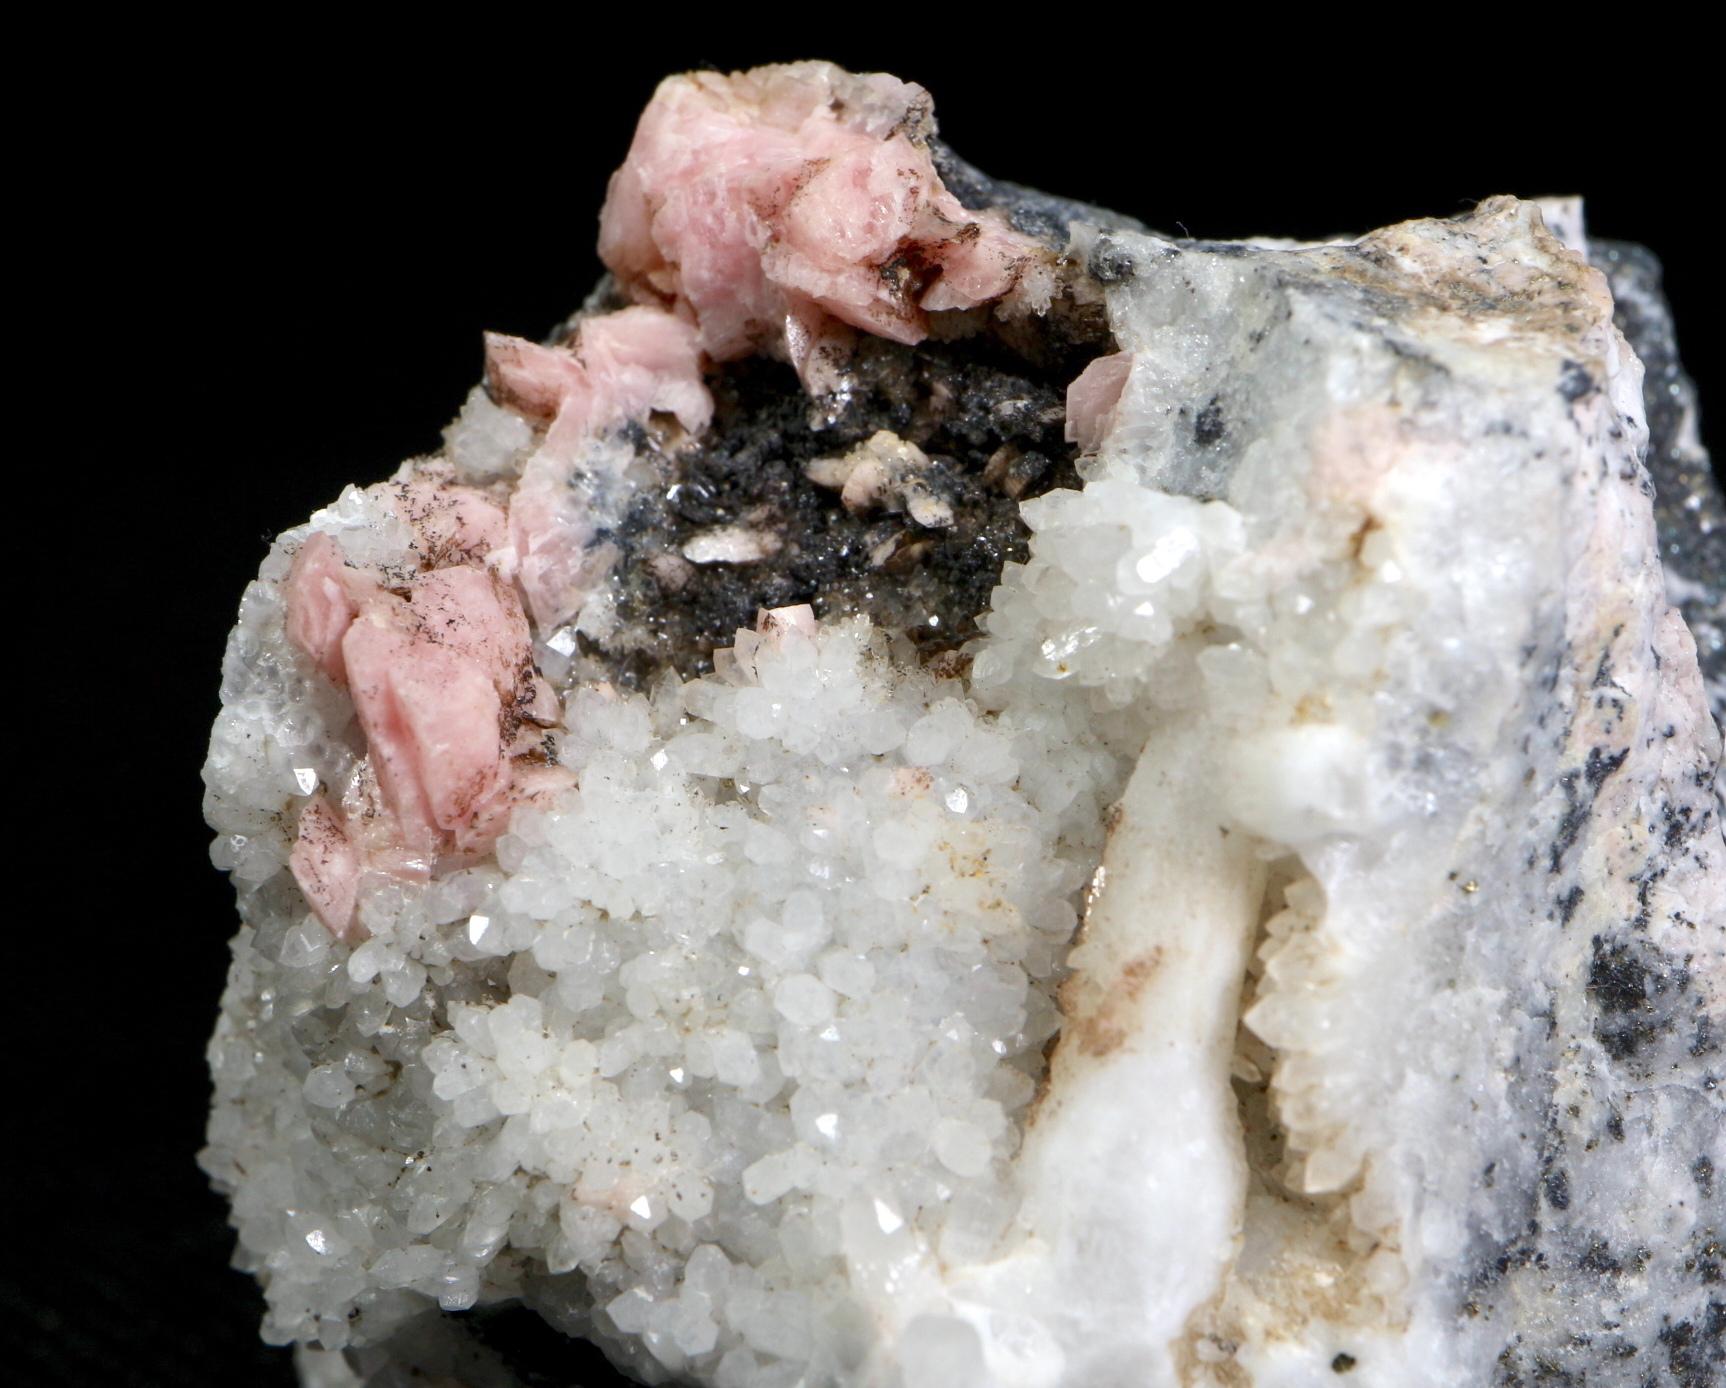 ロードクロサイト +  クオーツ 菱マンガン鉱 QZ025  182g 鉱物 原石 天然石 パワーストーン